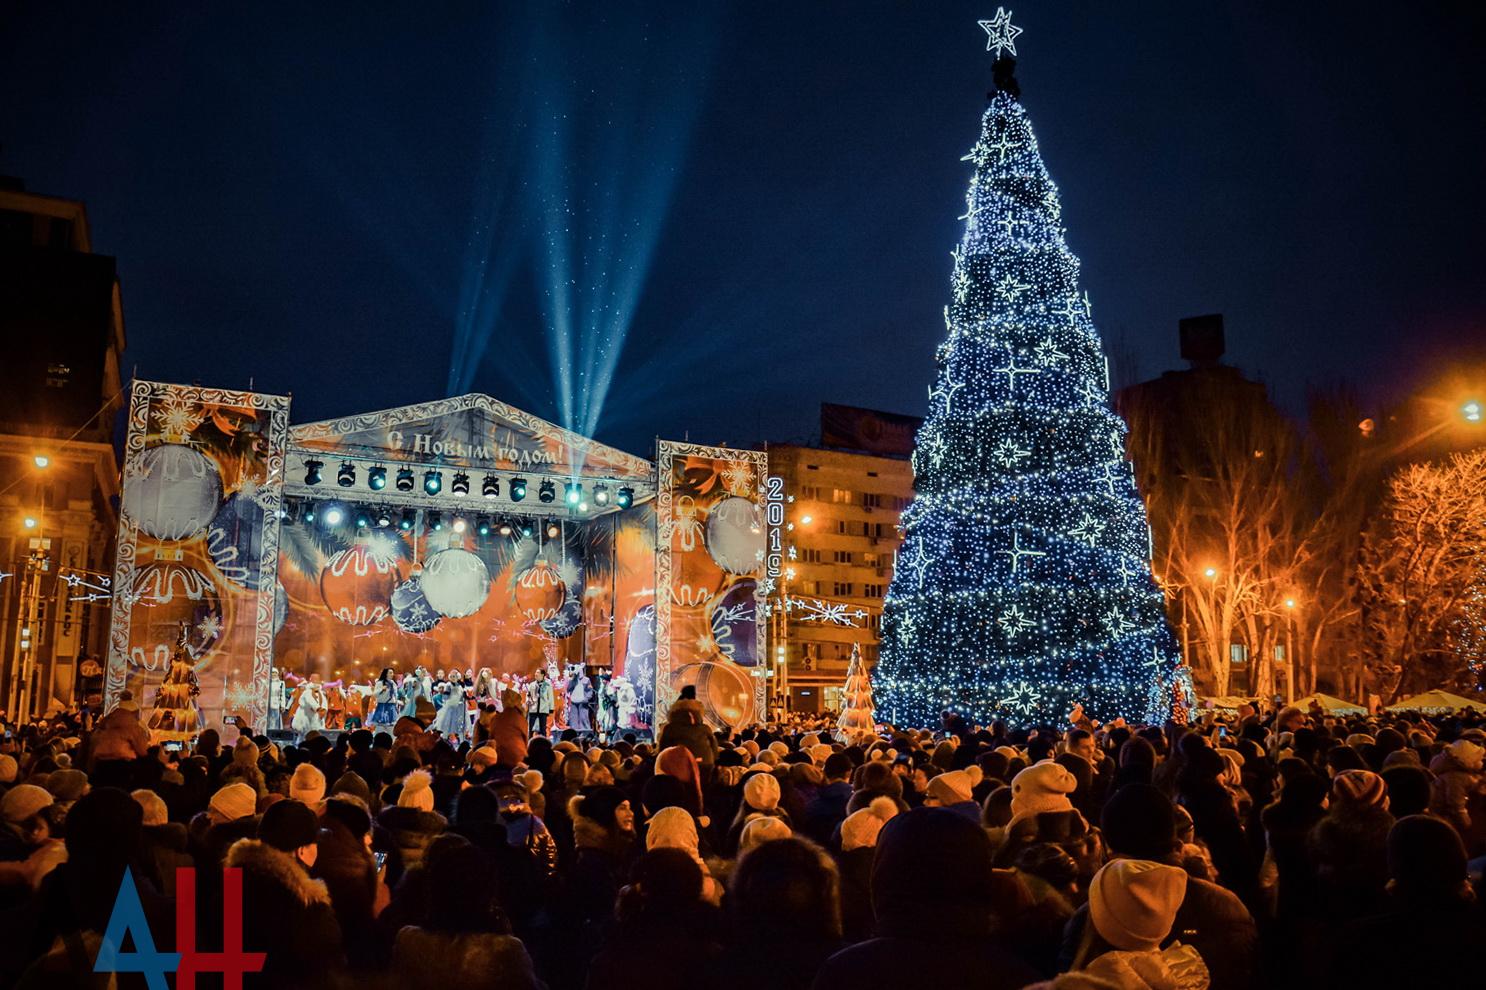 Праздничные мероприятия в Новый Год и Рождество прошли в ДНР без грубых нарушений – МВД